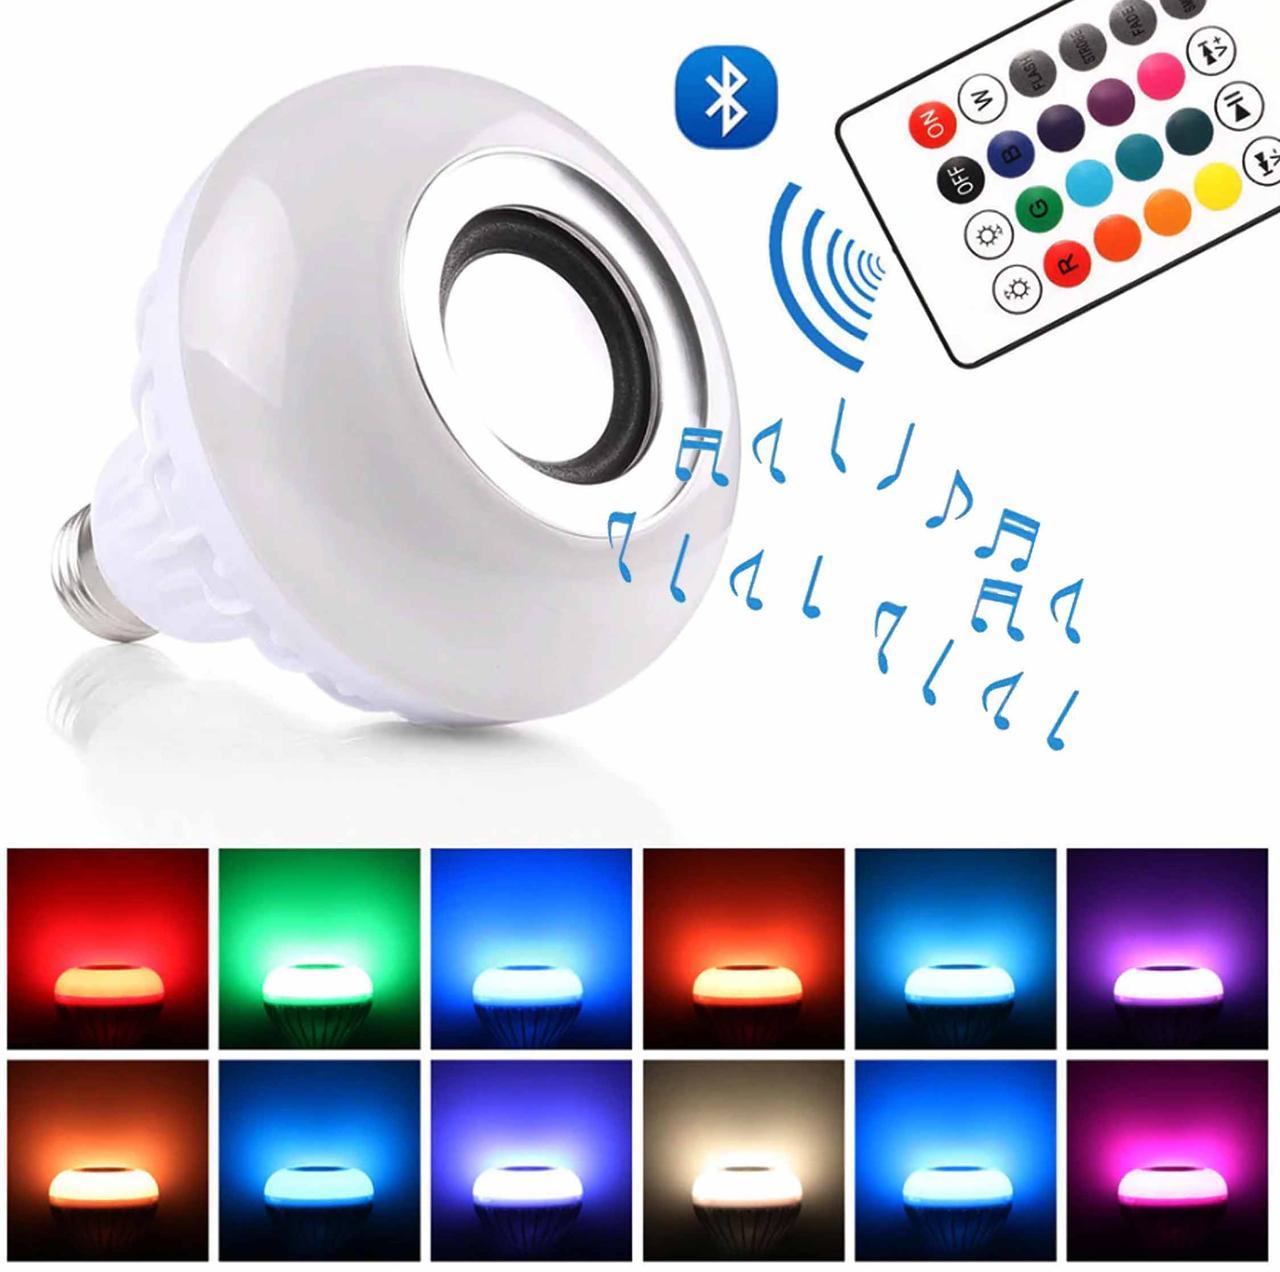 Лампа умная Bluetooth с динамиком, пультом ДУ и разноцветным свечением